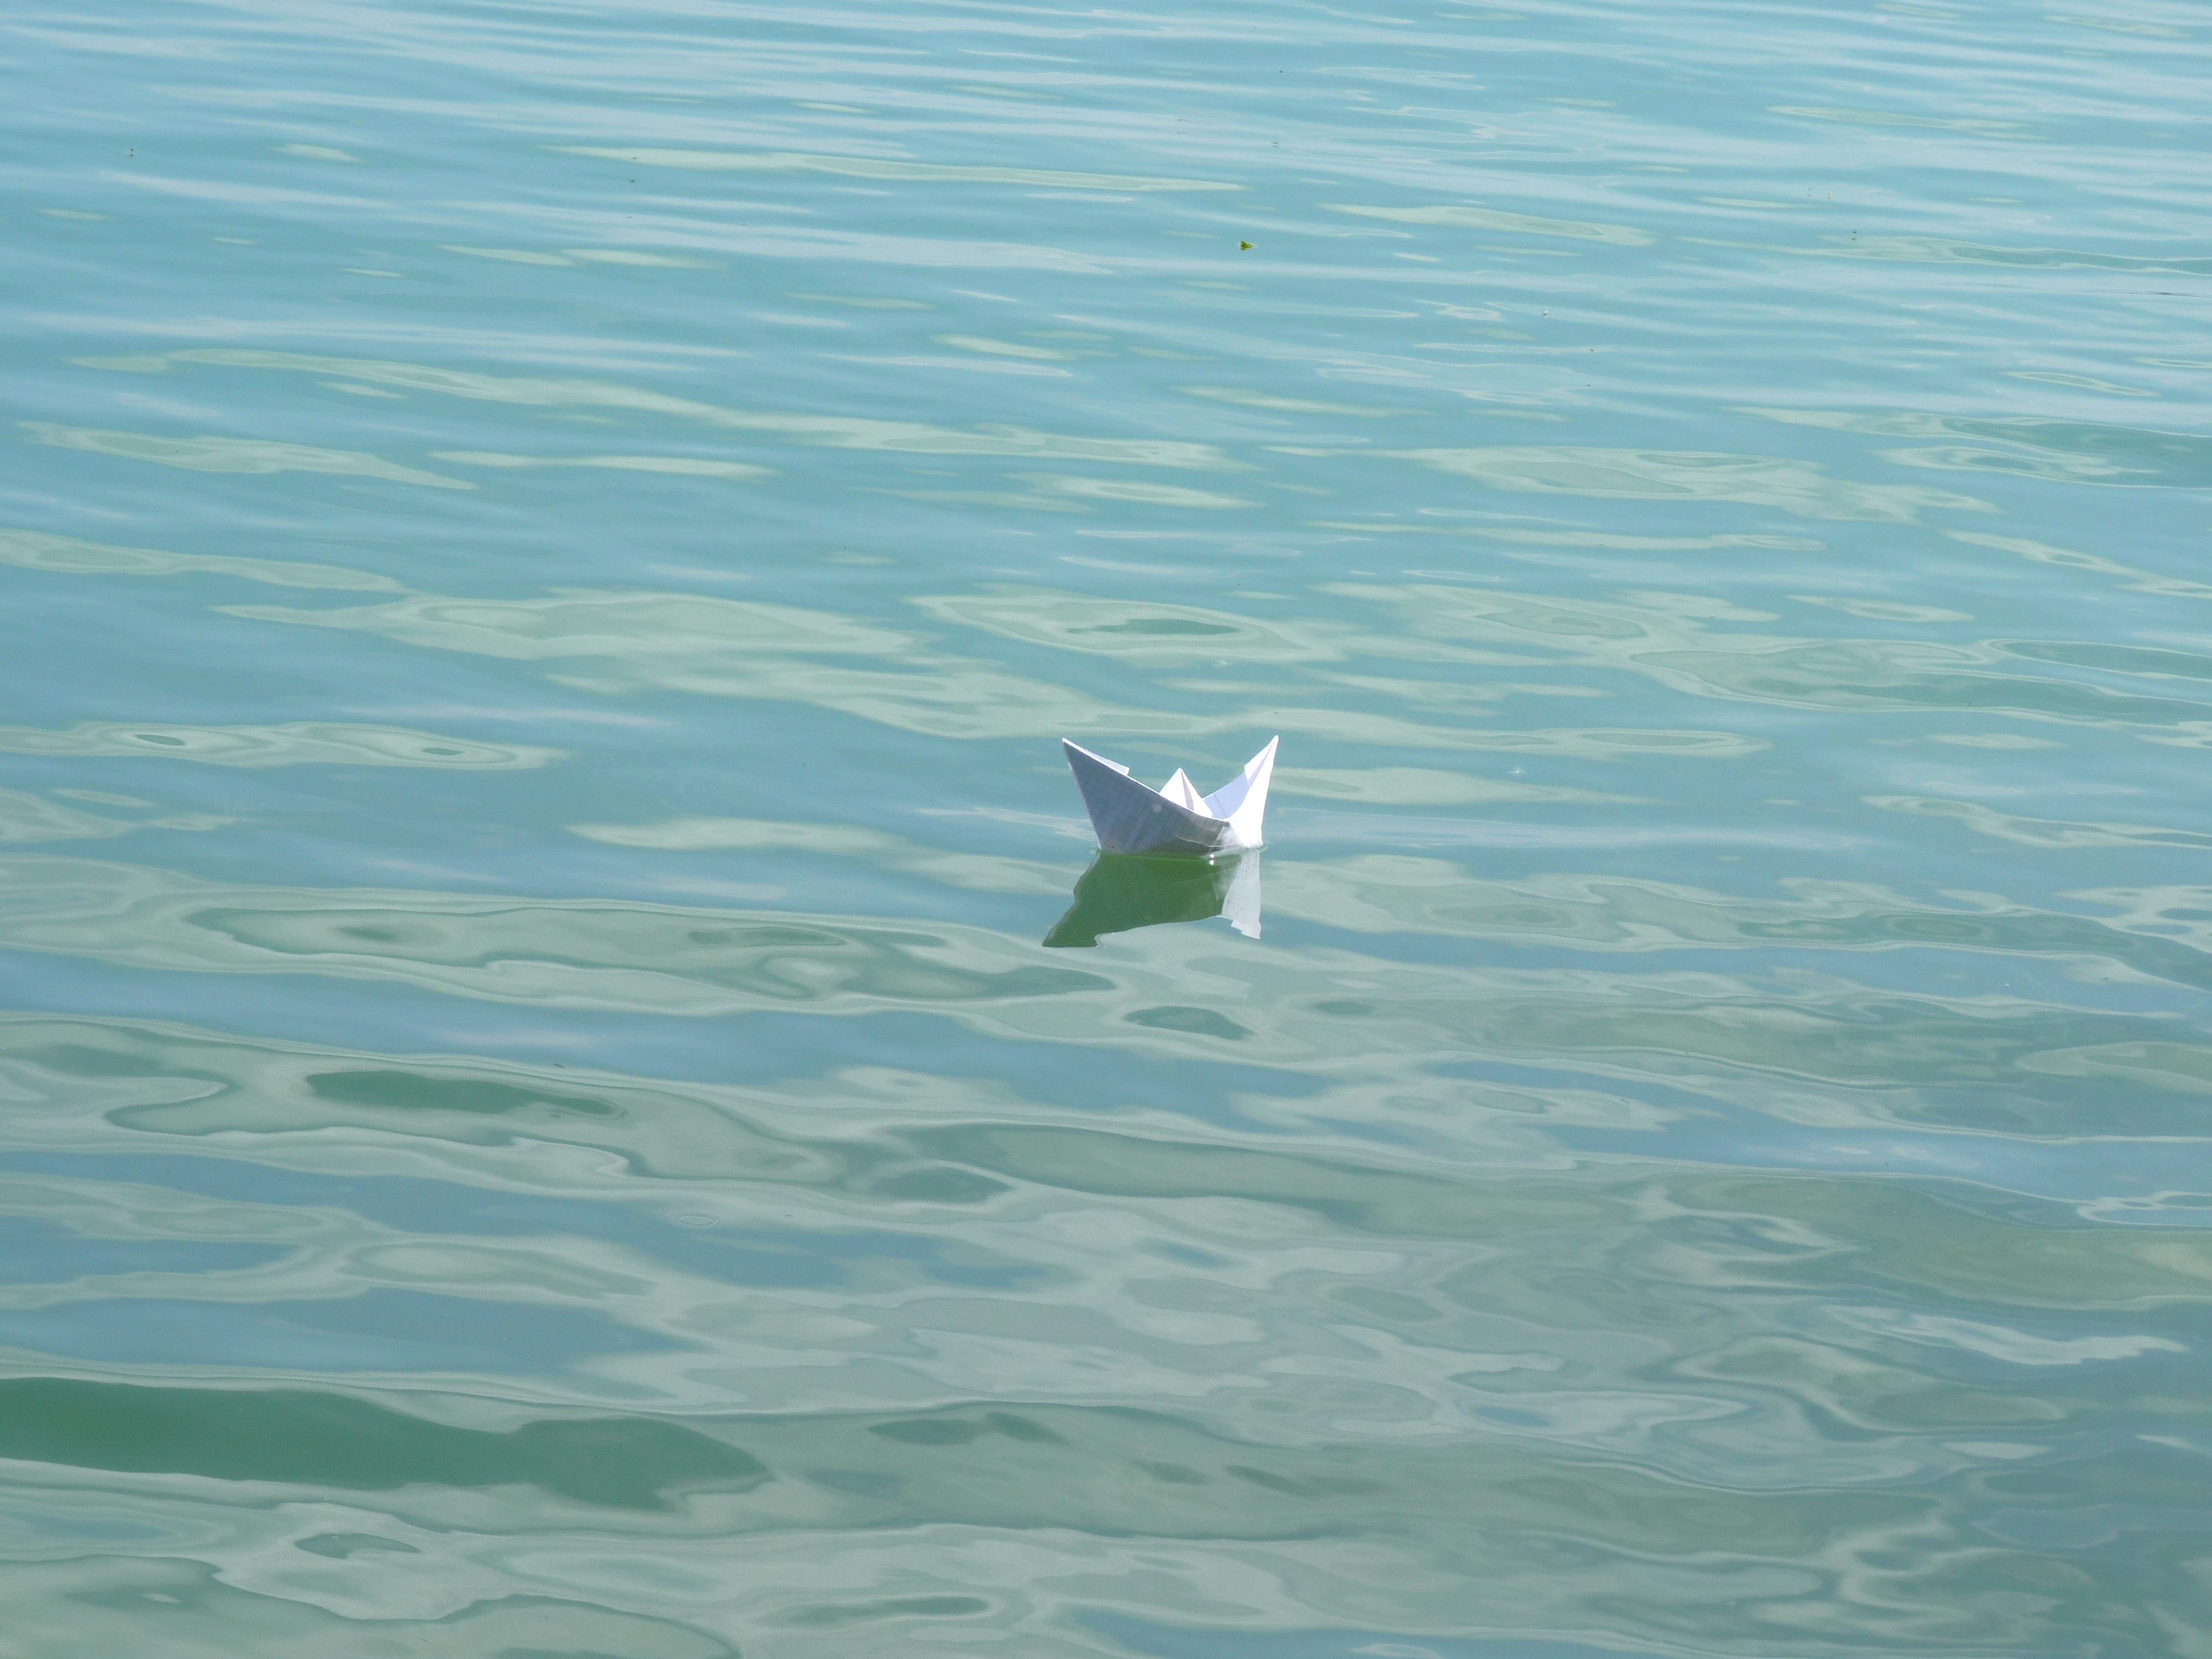 Gambar Air Lautan Gelombang Kapal Sepatu Bot Kertas Melipat